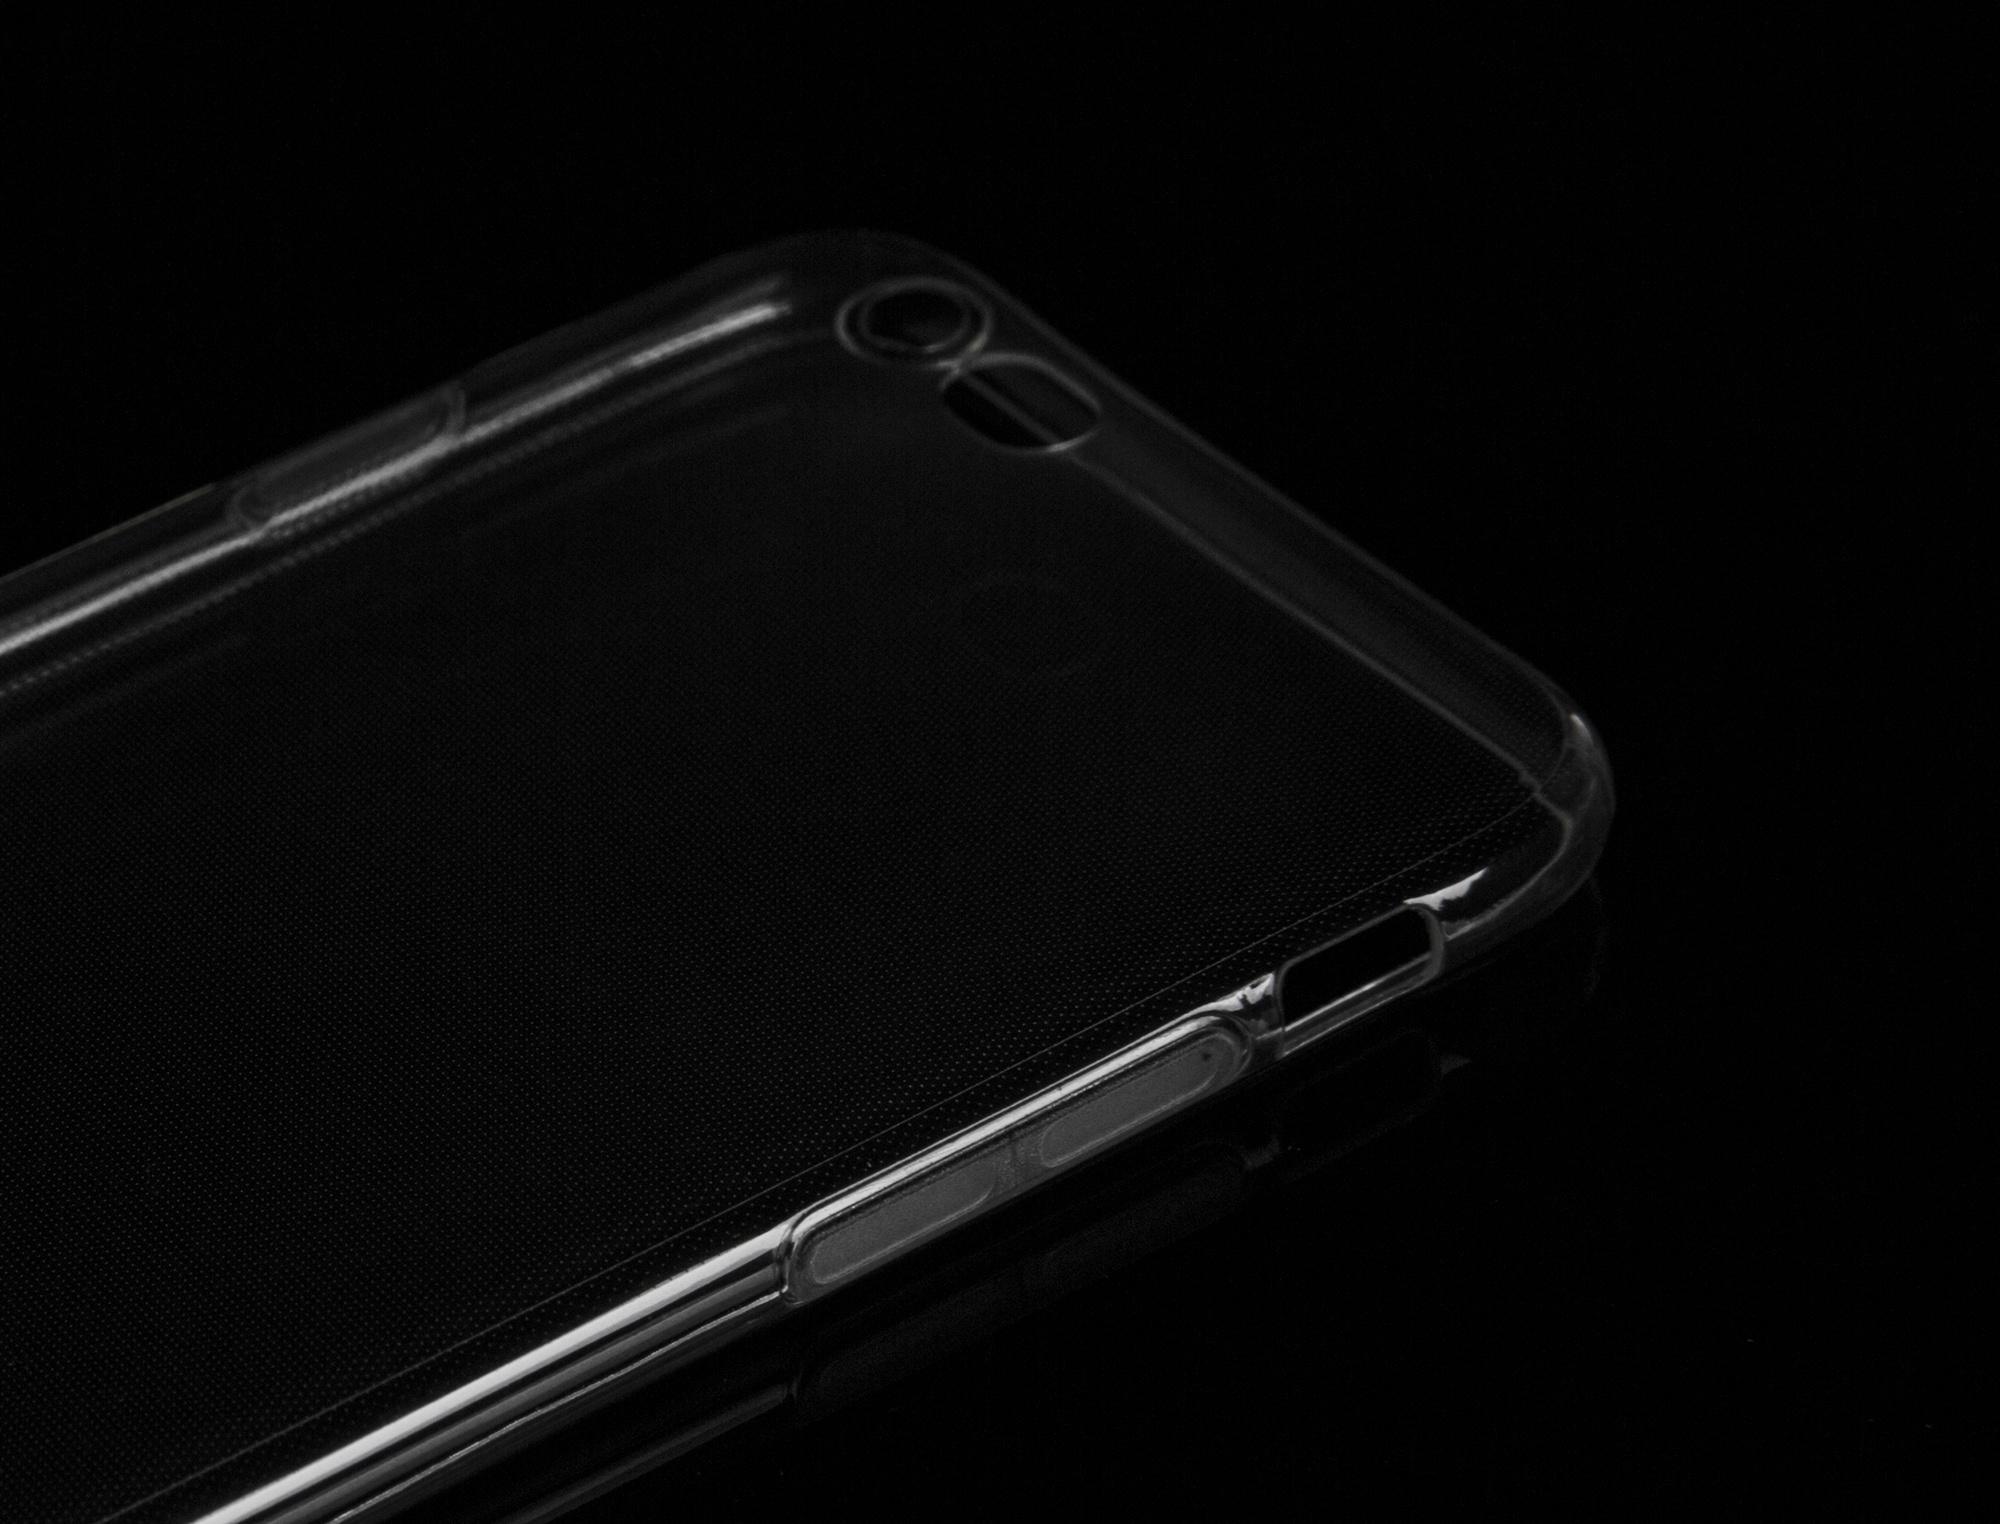 电商用淘宝透明手机壳拍摄精拍iphone6666s透明手机壳专业拍摄220拍摄灯草帽图片